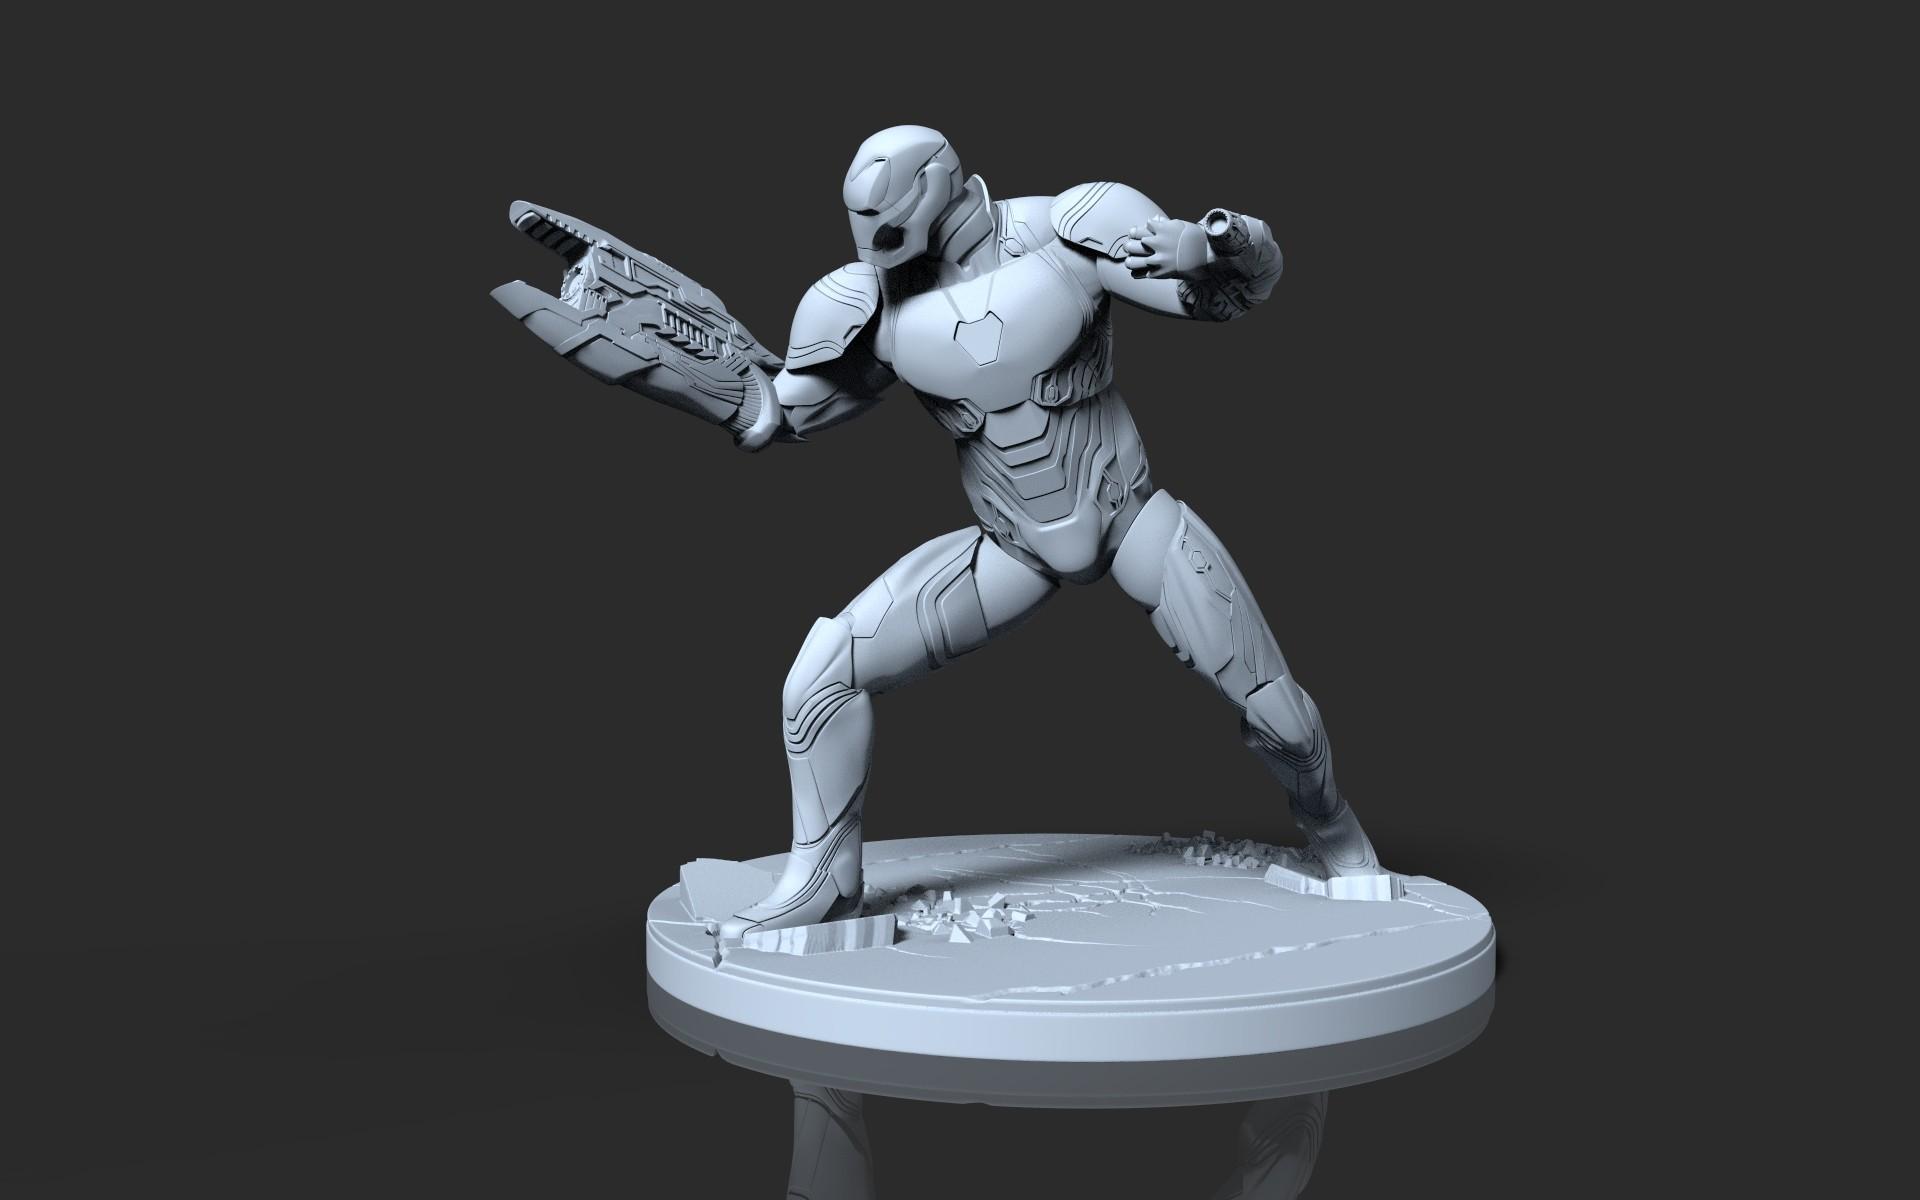 ArtStation - Avengers Infinity War Iron Man Sculpture for 3d